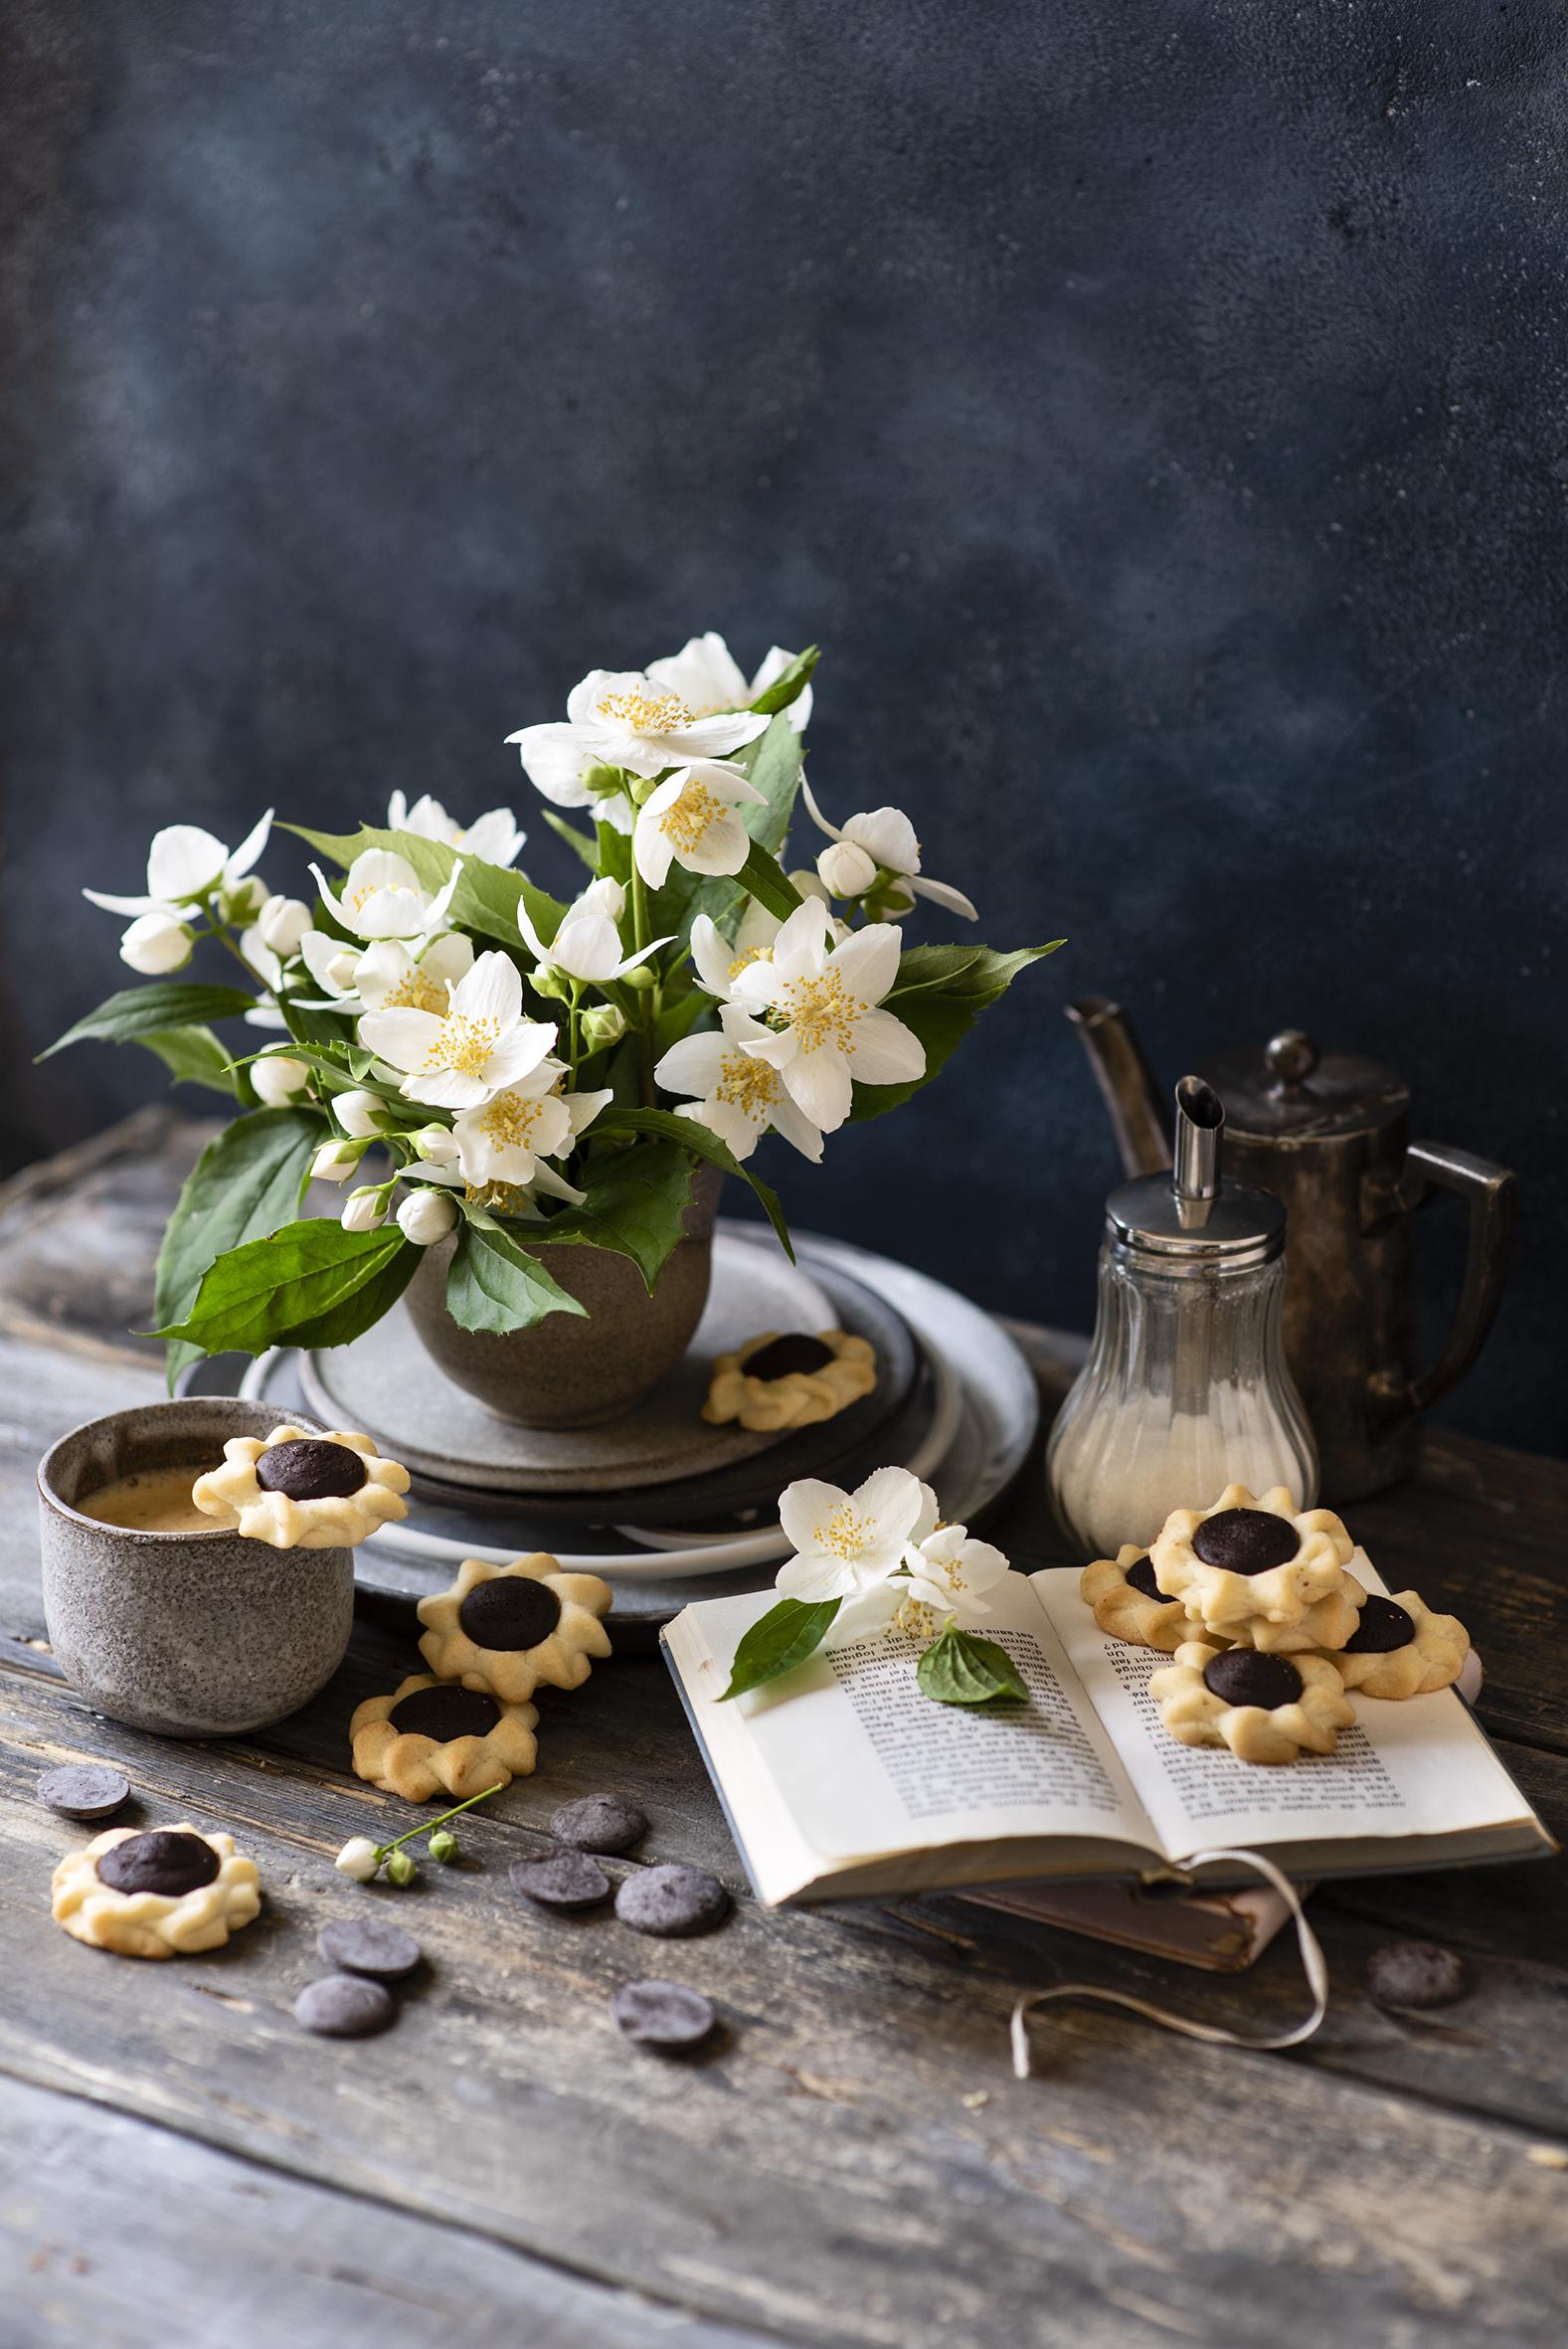 Achtergrond Jasminum Chocolade Koffie Cappuccino Bloemen boeken Koekjes Voedsel Mok Beker Stilleven  voor Mobiele telefoon bloem Boek spijs biscuit